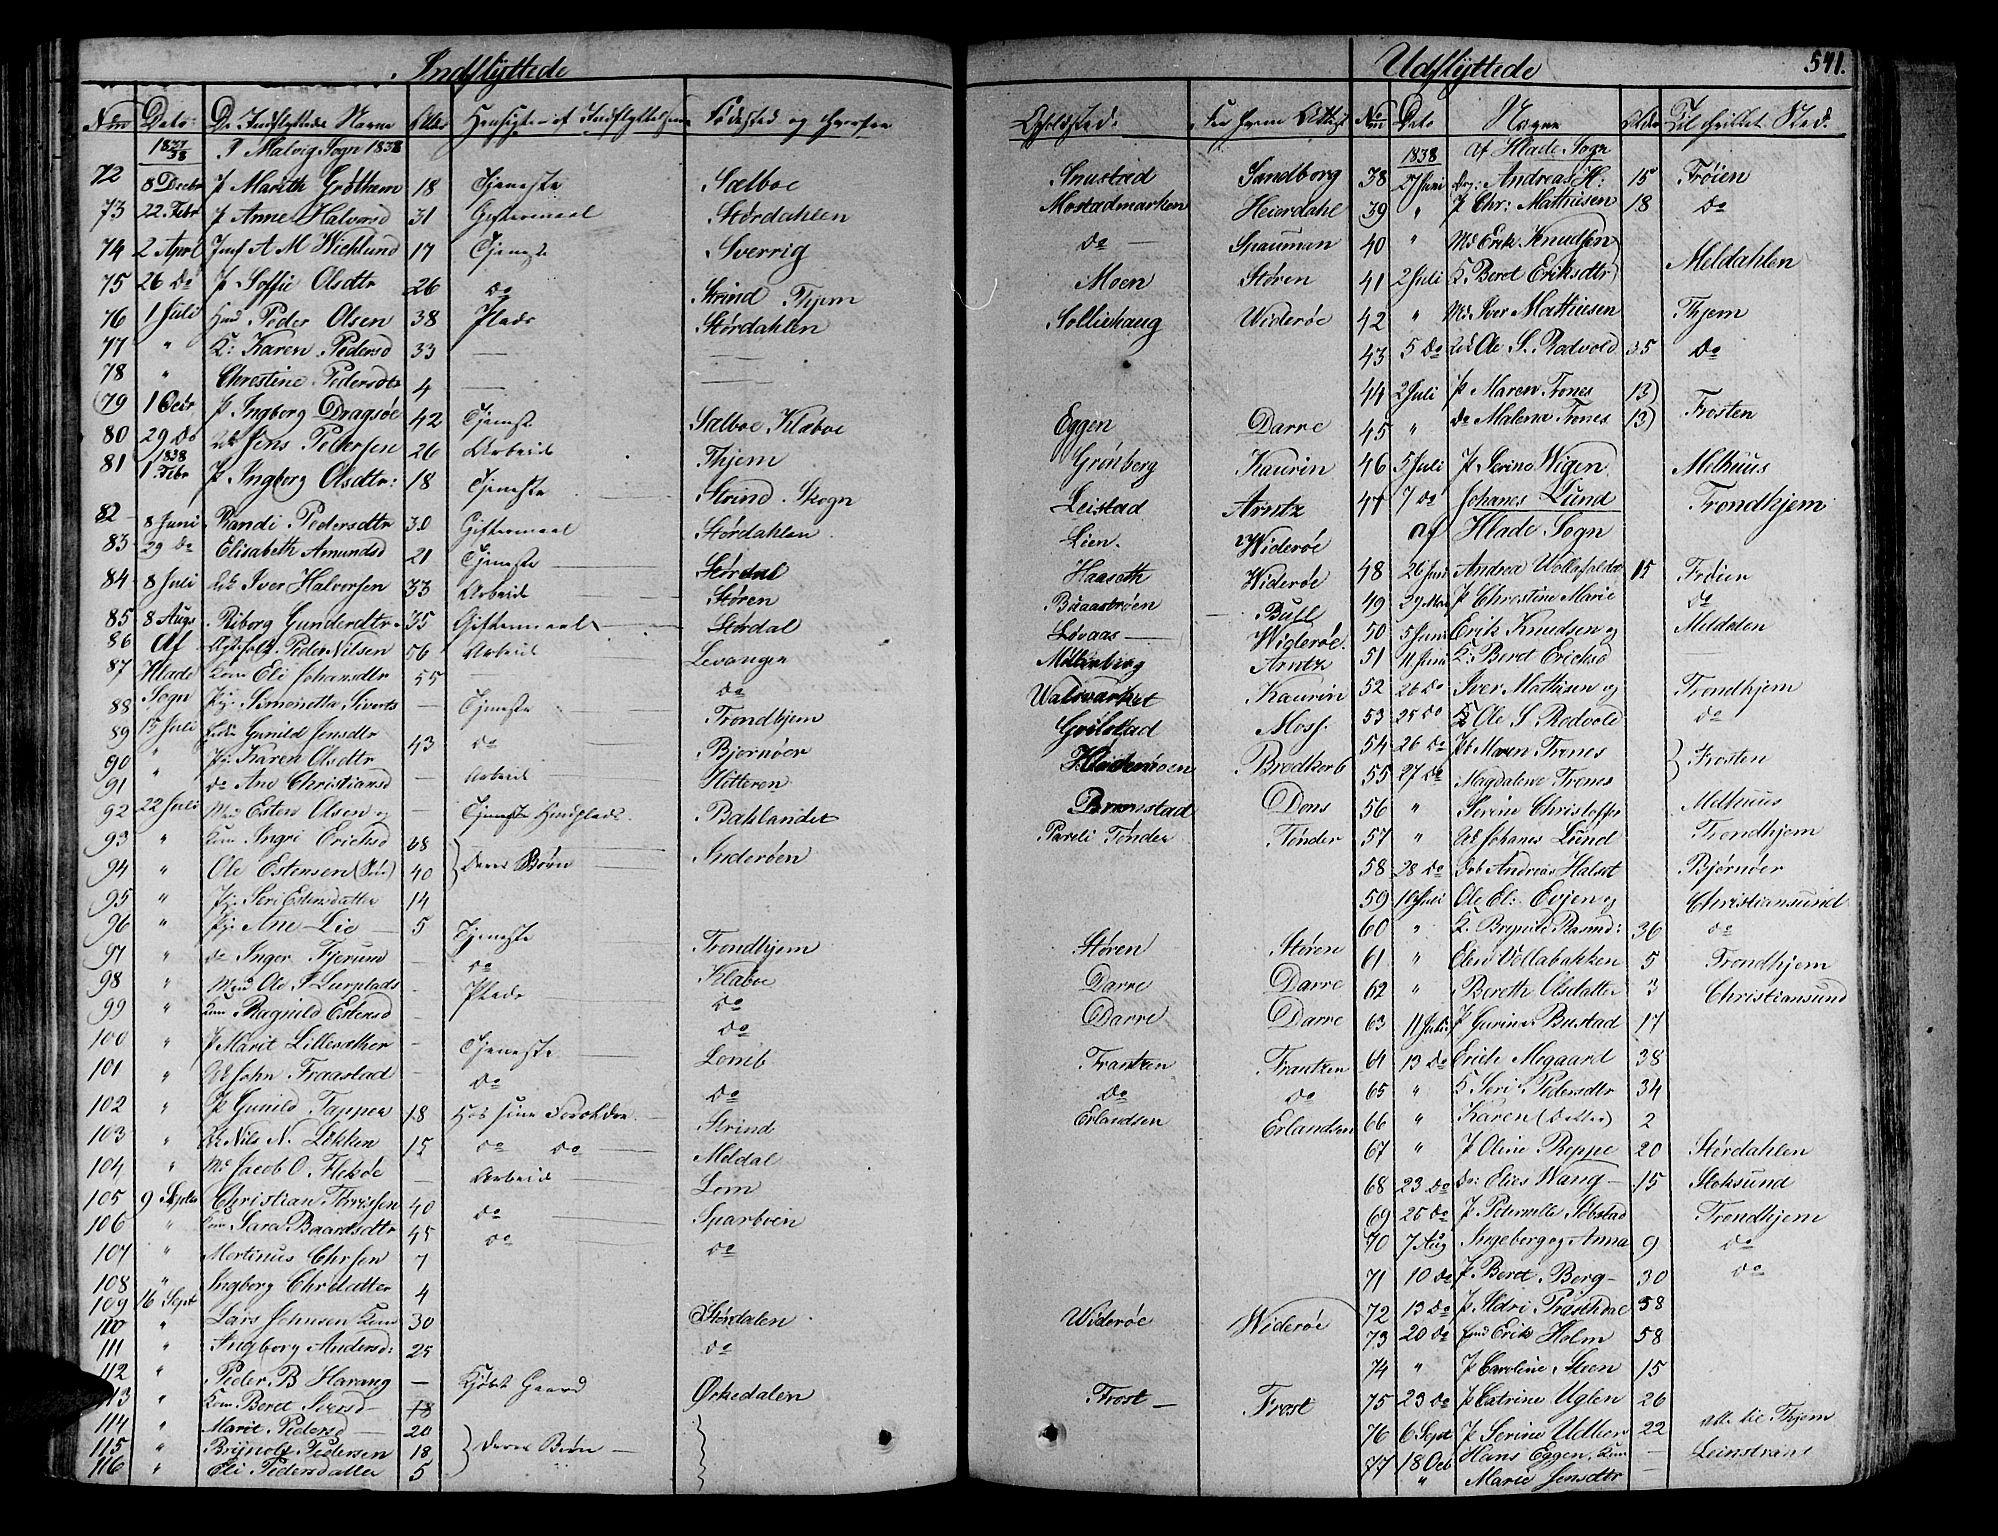 SAT, Ministerialprotokoller, klokkerbøker og fødselsregistre - Sør-Trøndelag, 606/L0286: Ministerialbok nr. 606A04 /1, 1823-1840, s. 541